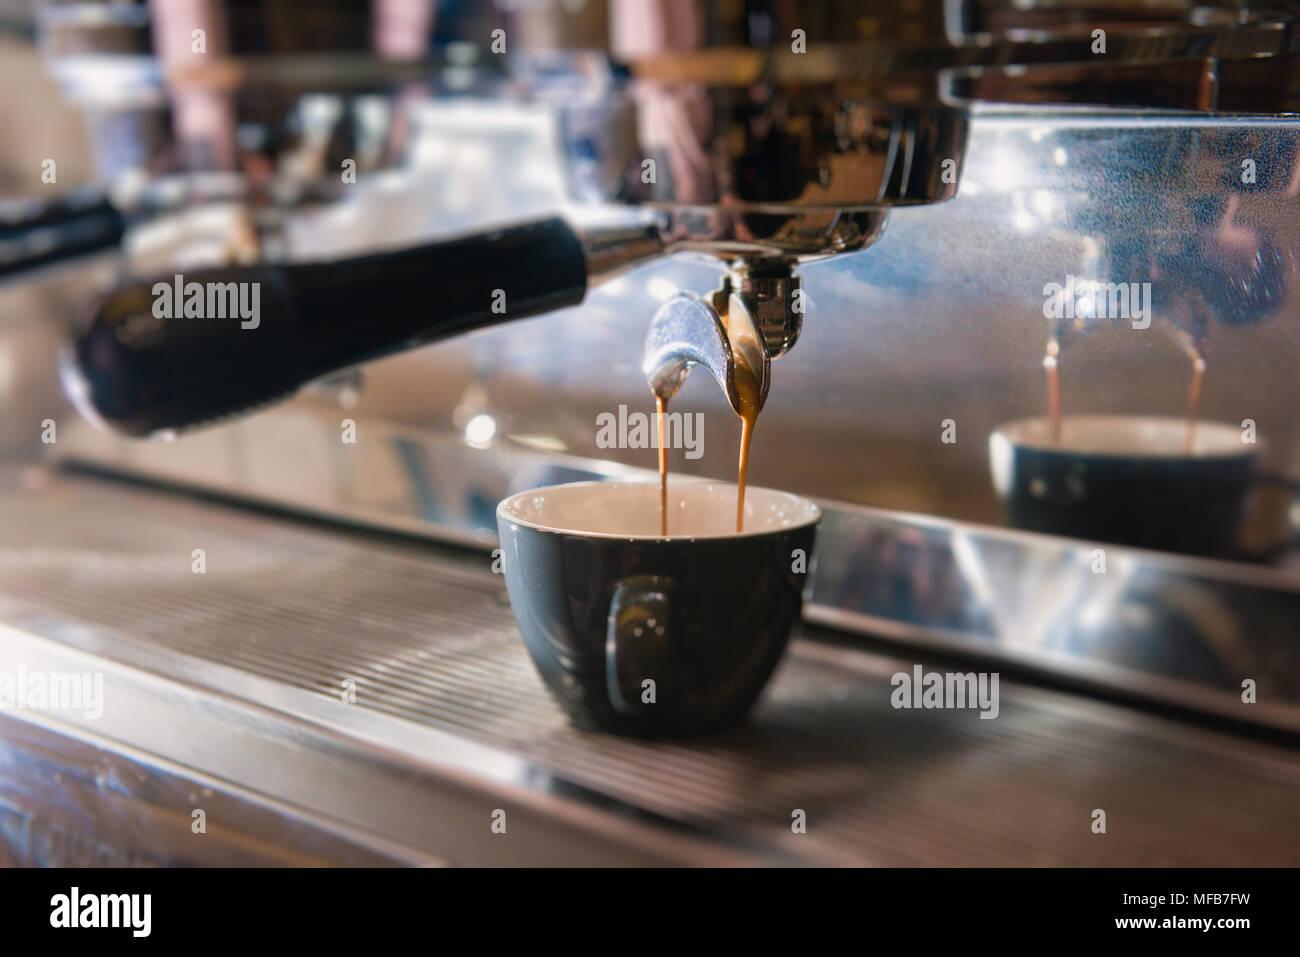 Halter und Hebel für Kaffee Getränke hautnah. Kaffee Schütte von der ...